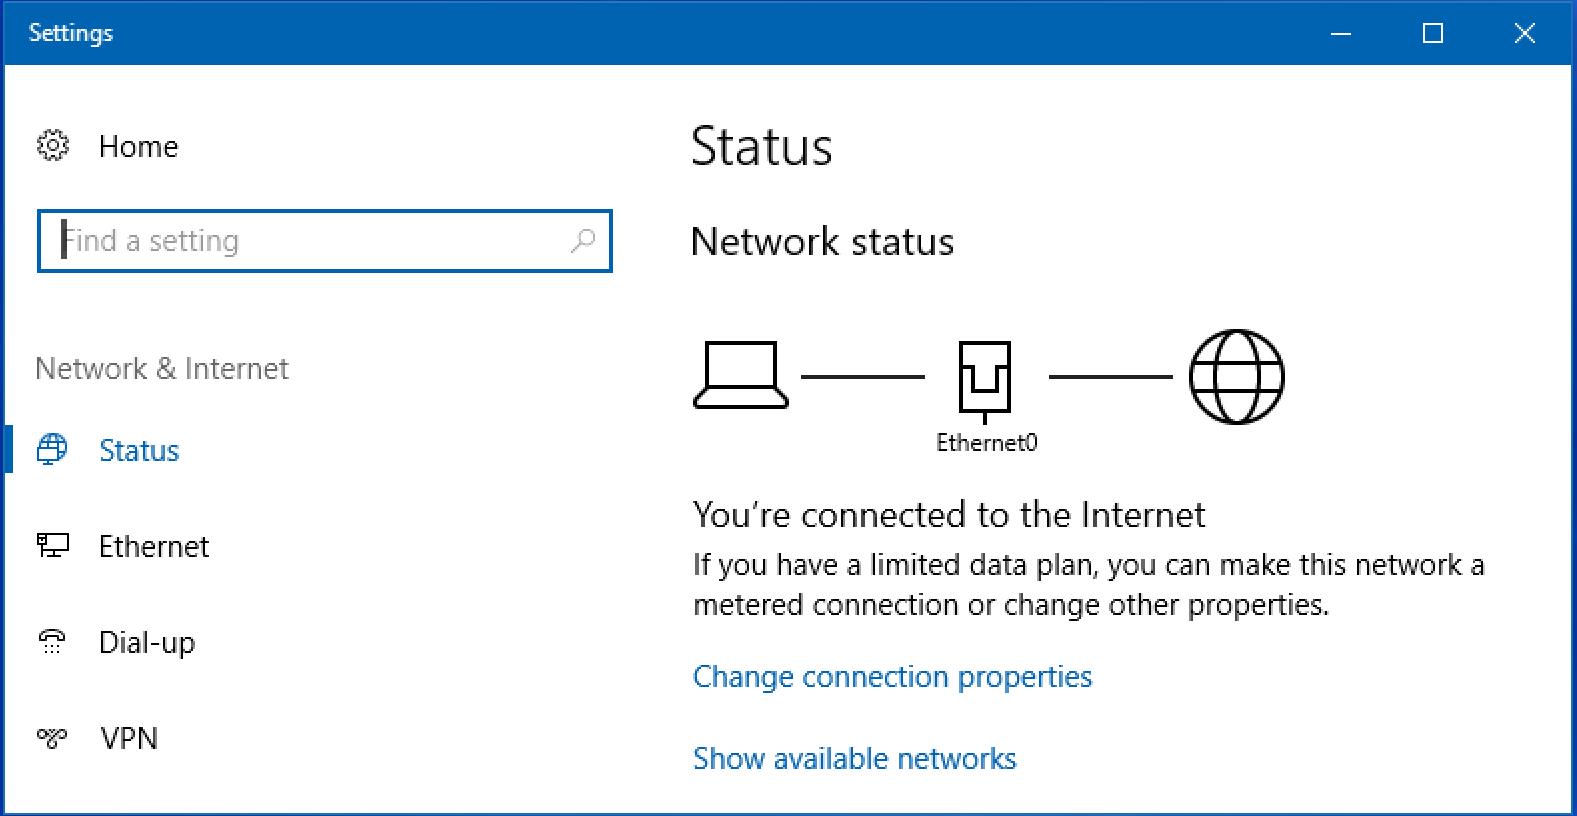 win10 network status